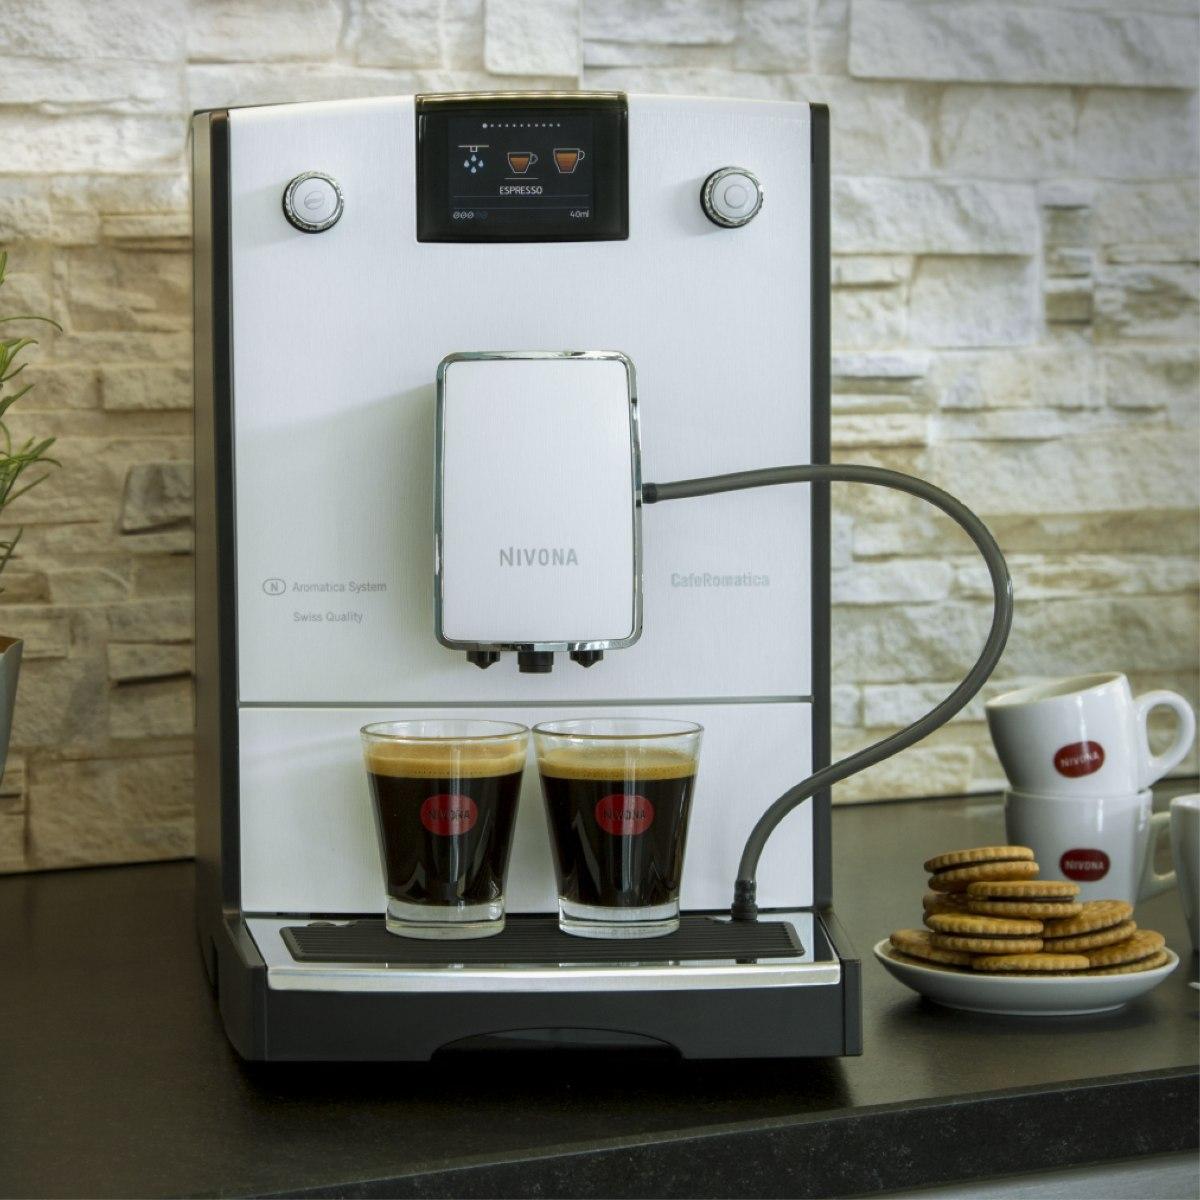 מכונת אספרסו Nivona CafeRomatica 779